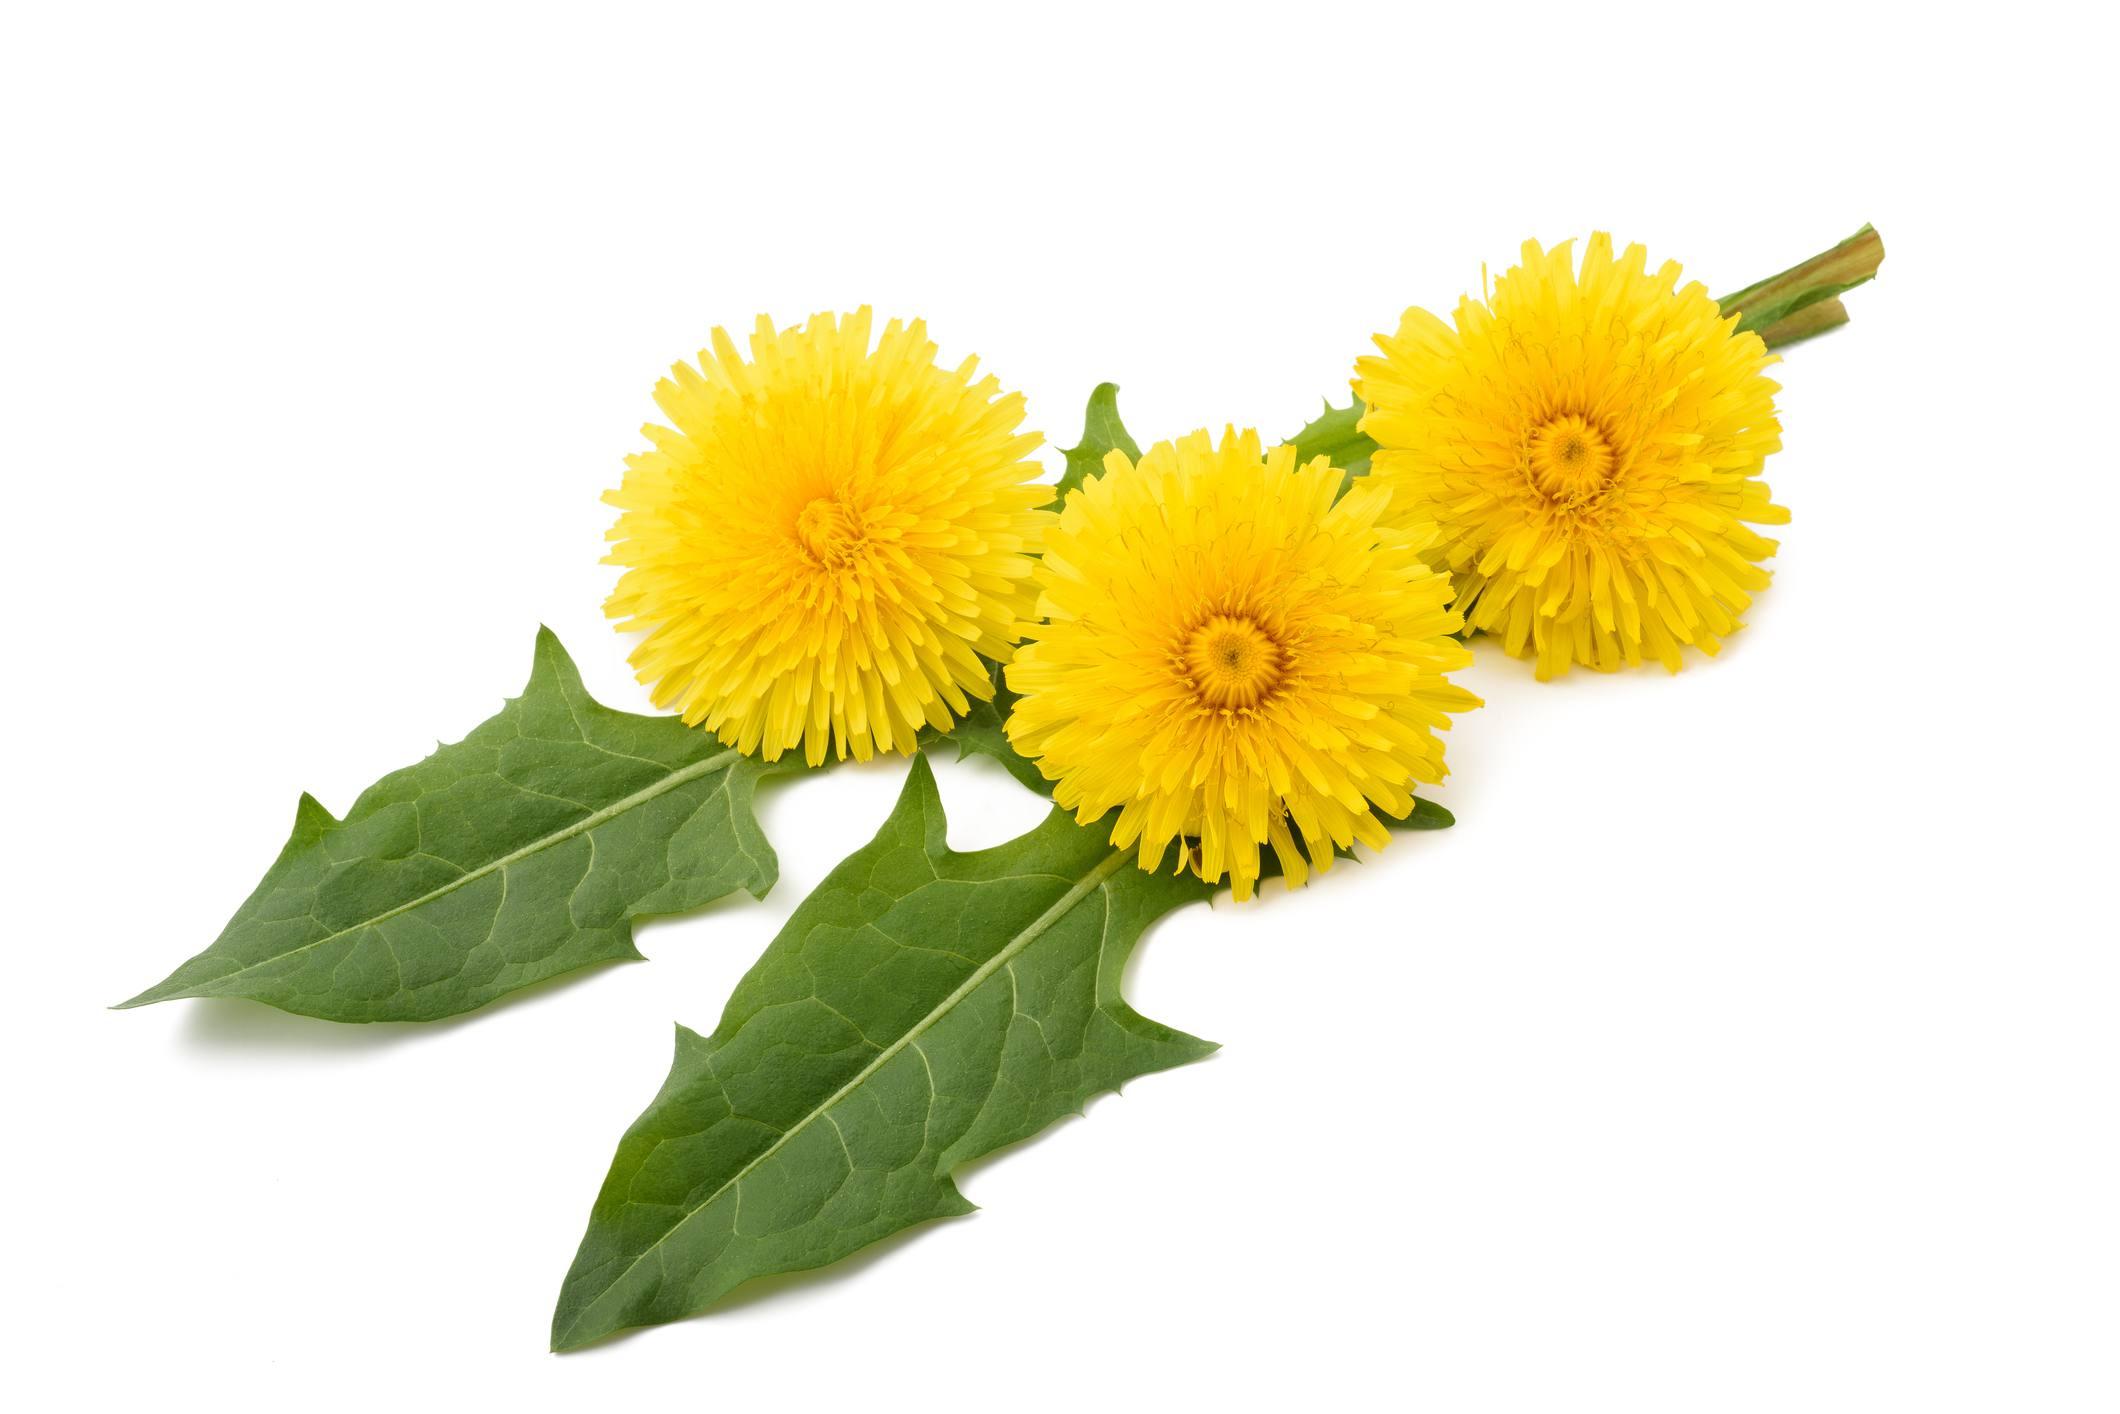 Flores y hojas de diente de león recogidas